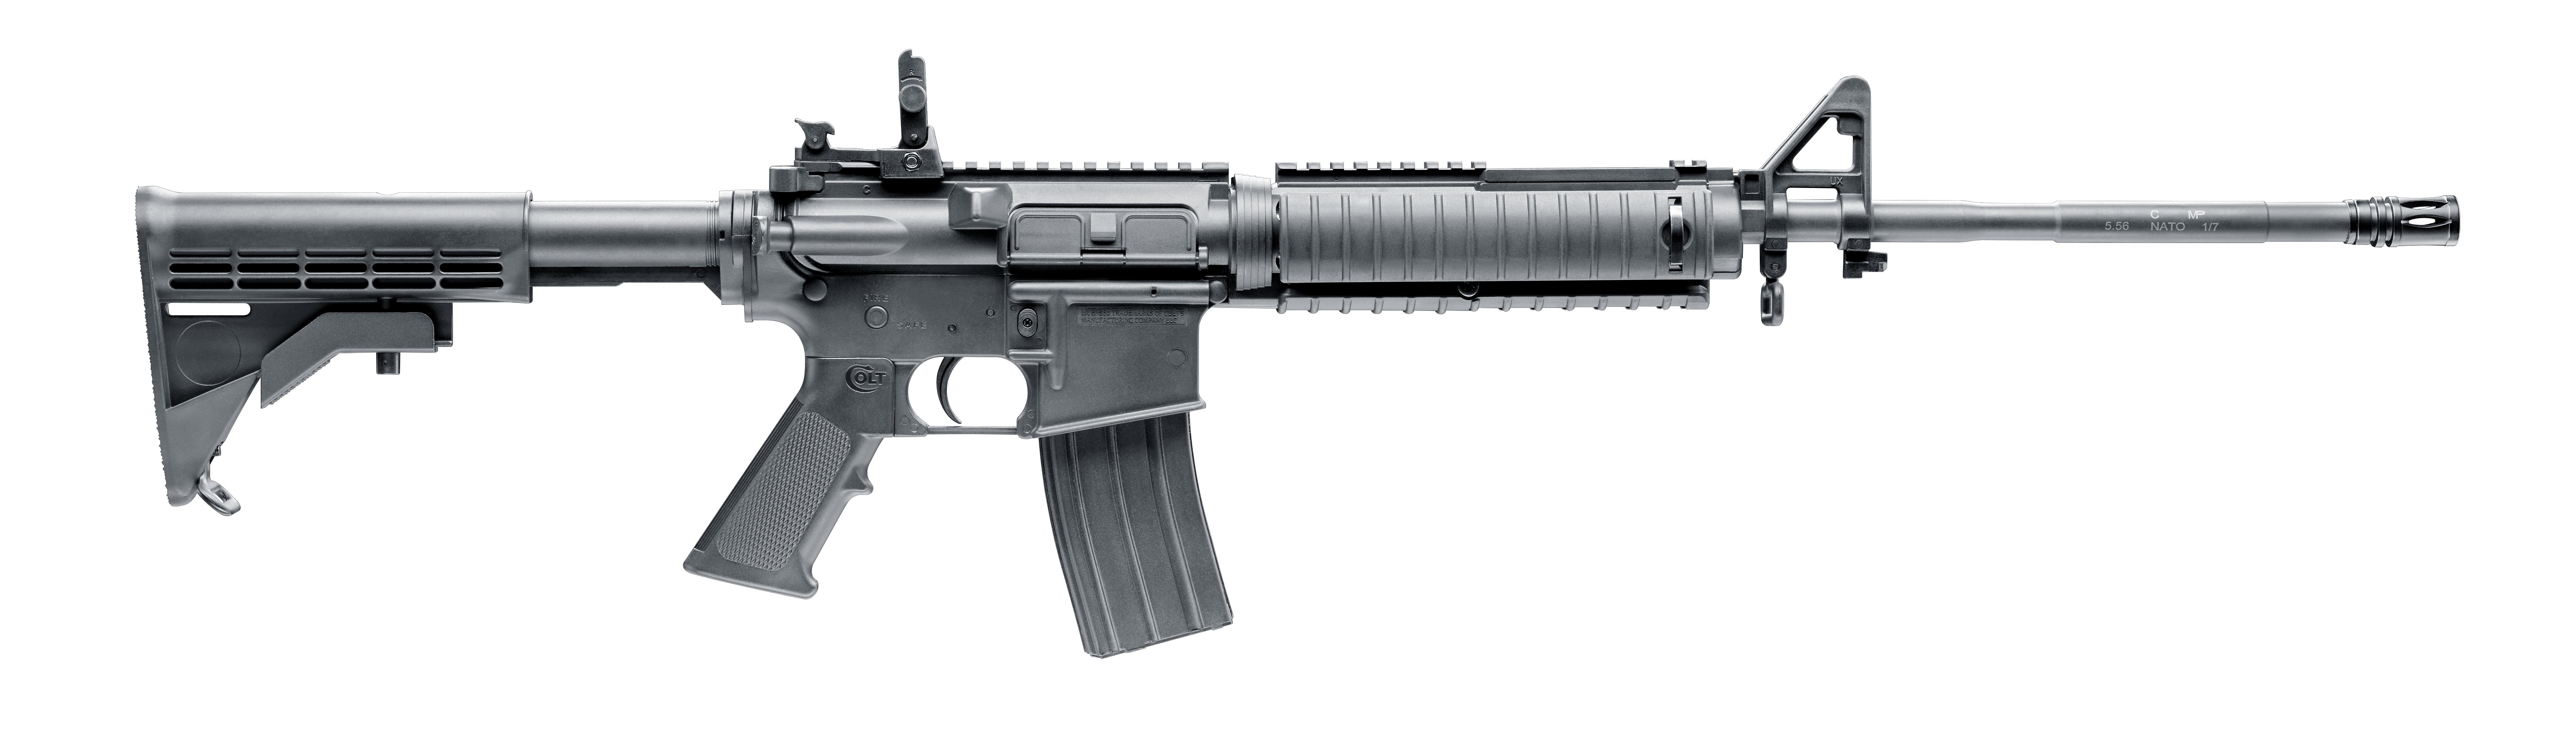 COLT (Umarex) Spring Operated Airgun Replica M4